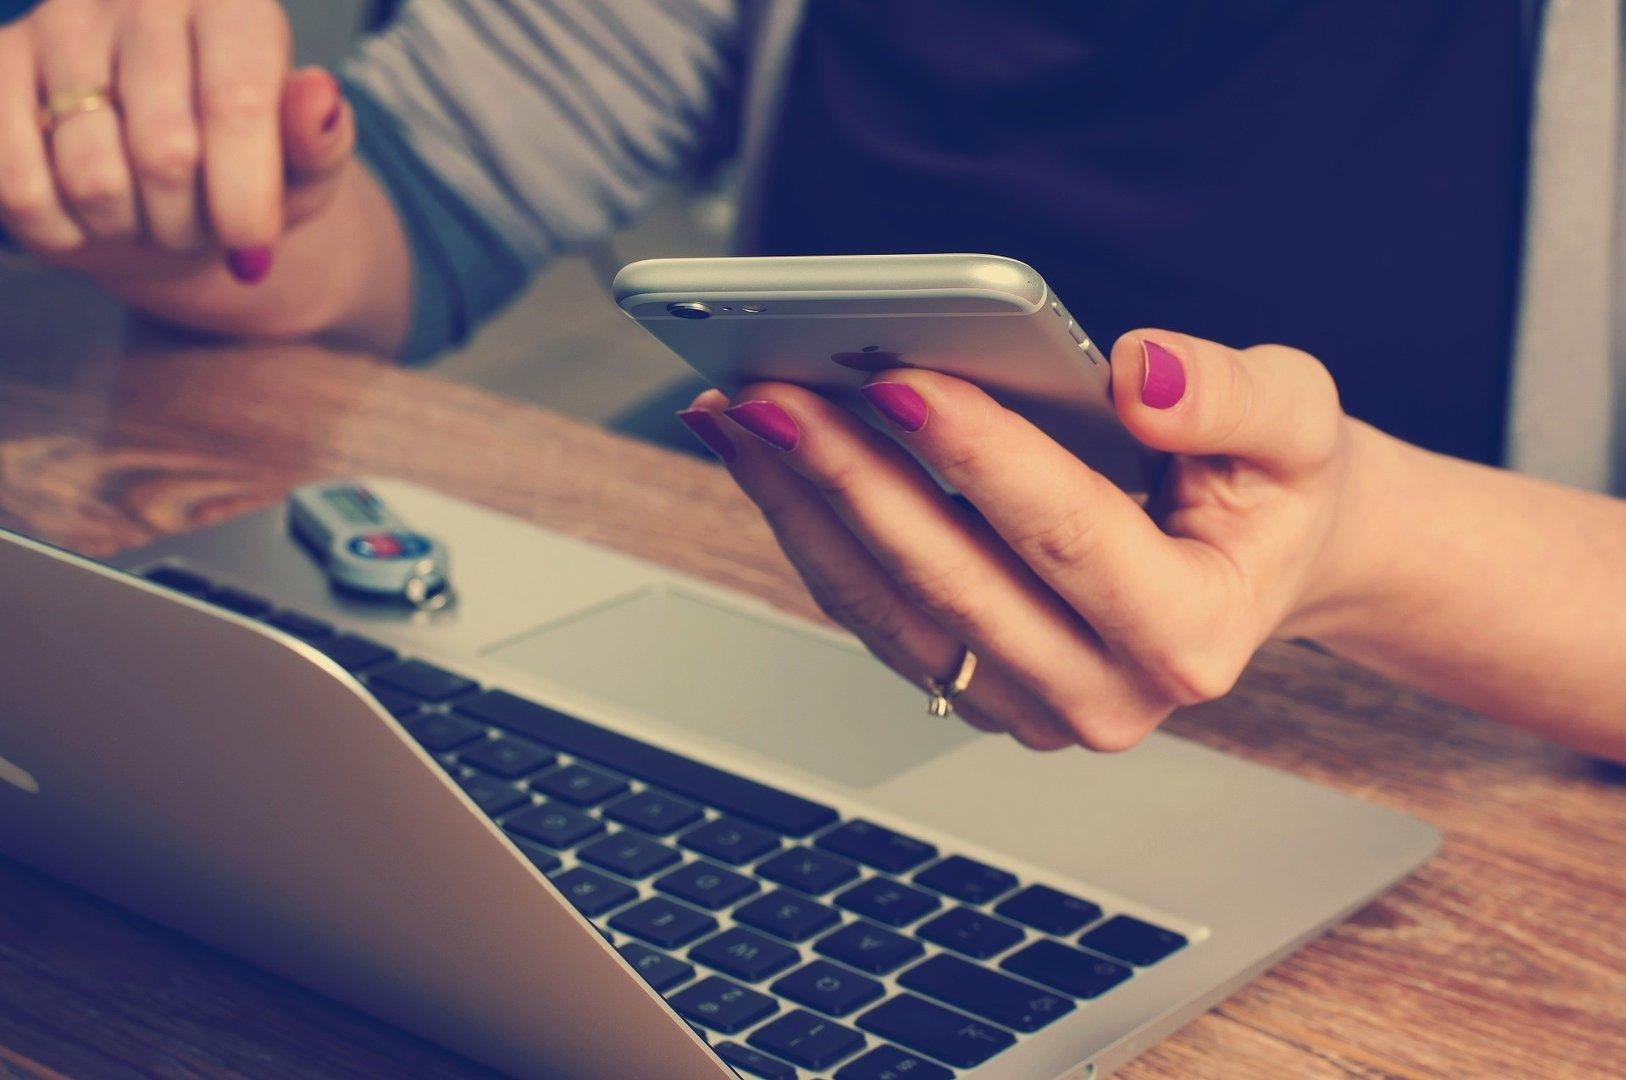 020229bb3 Oszuści wysyłający SMS-y do klientów banku mogą podawać się za kurierów,  bądź przedstawicieli